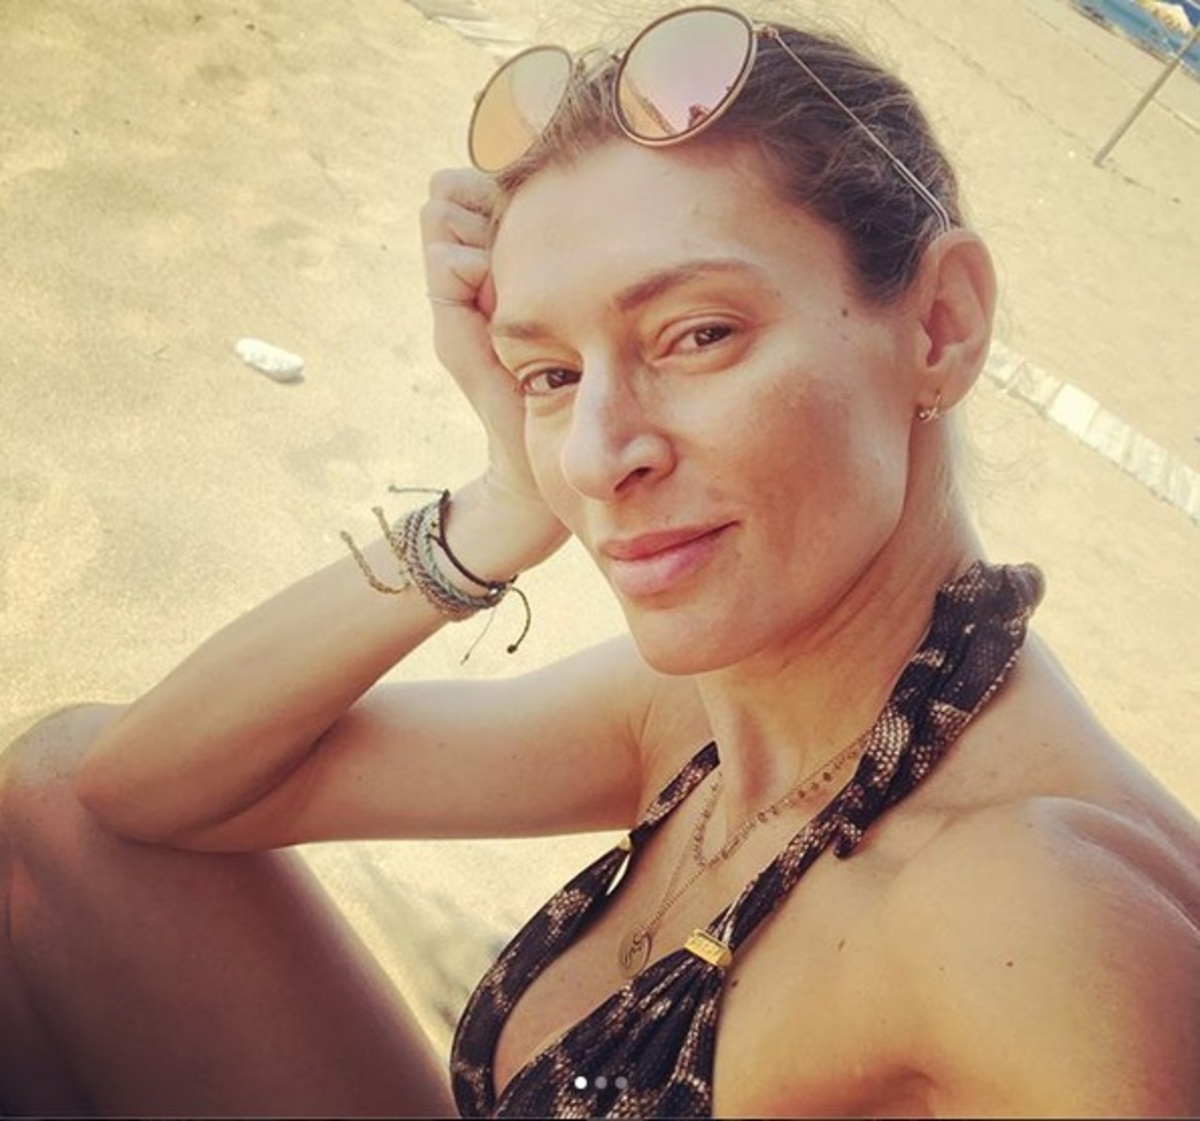 Ζέτα Δούκα: Όμορφες στιγμές με την οικογένειά της στα Χανιά! [pics]   Newsit.gr